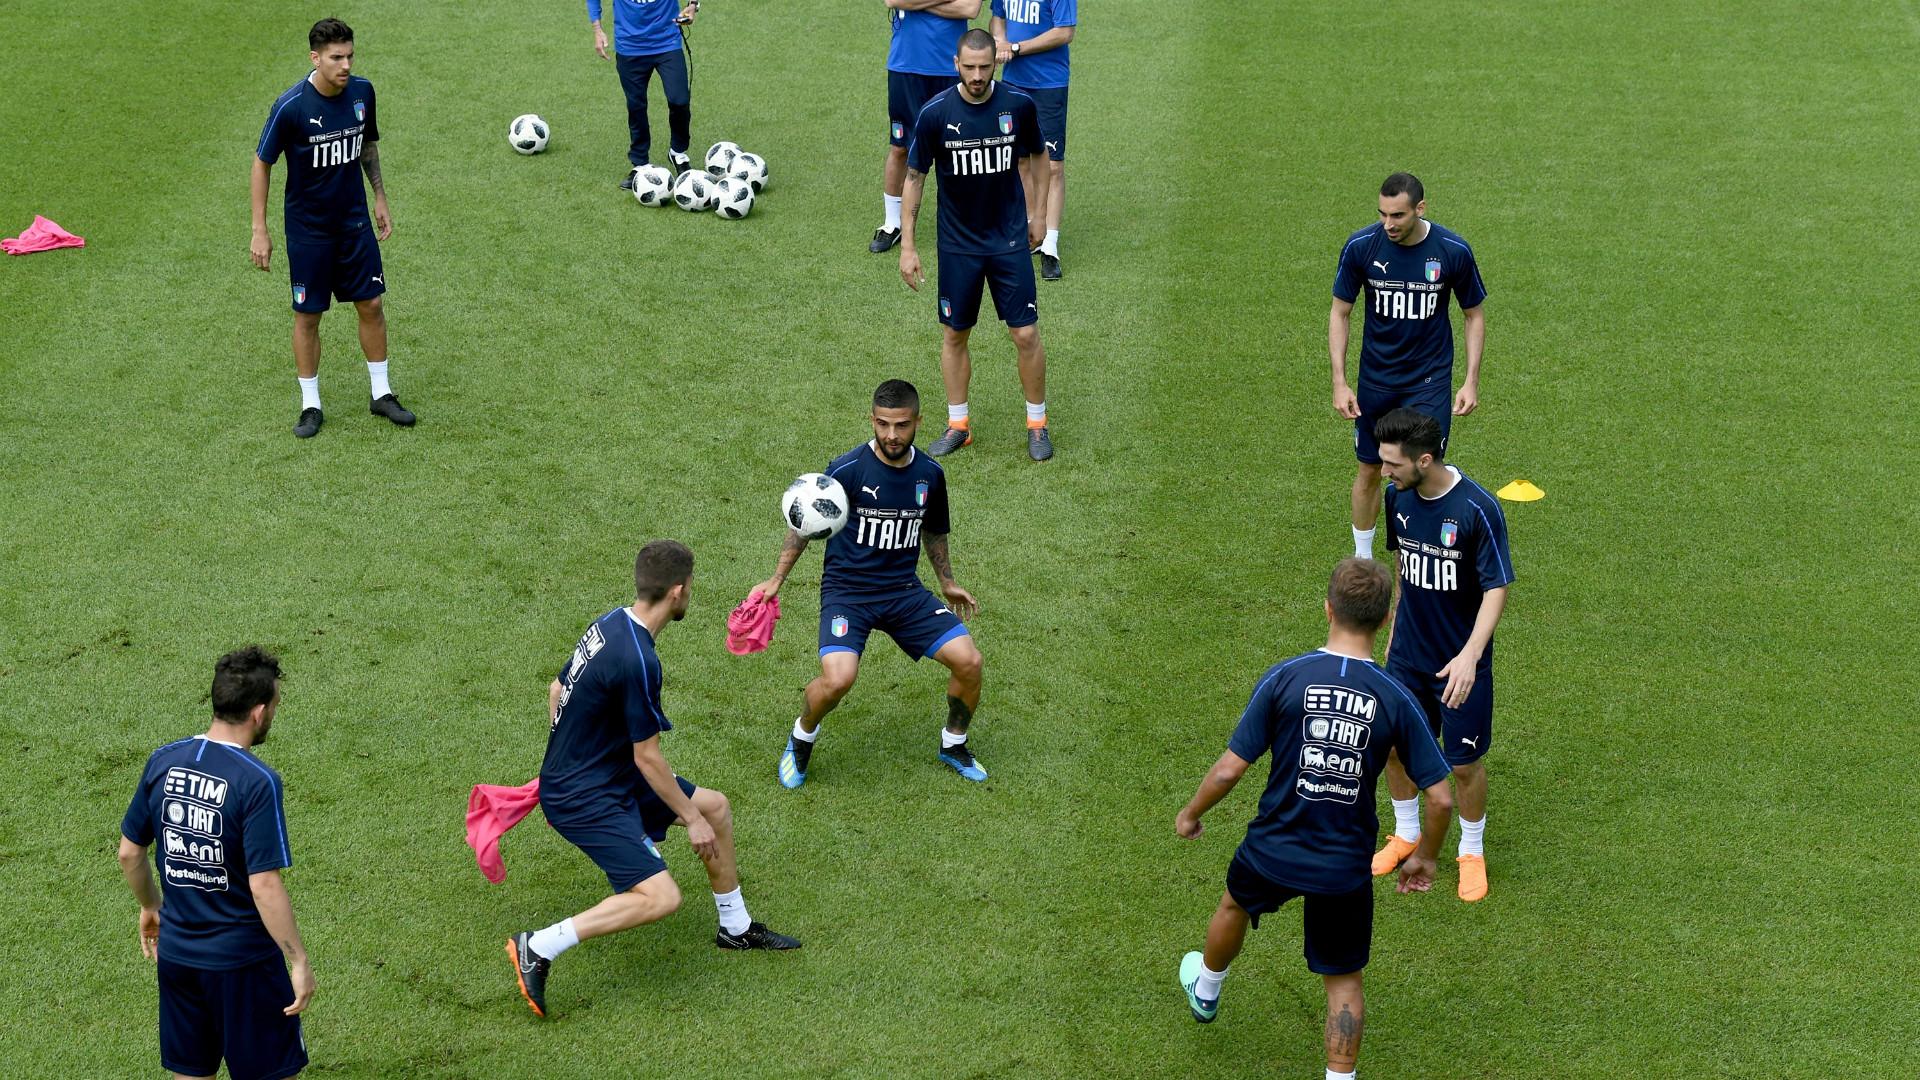 Italy's training, 24052018